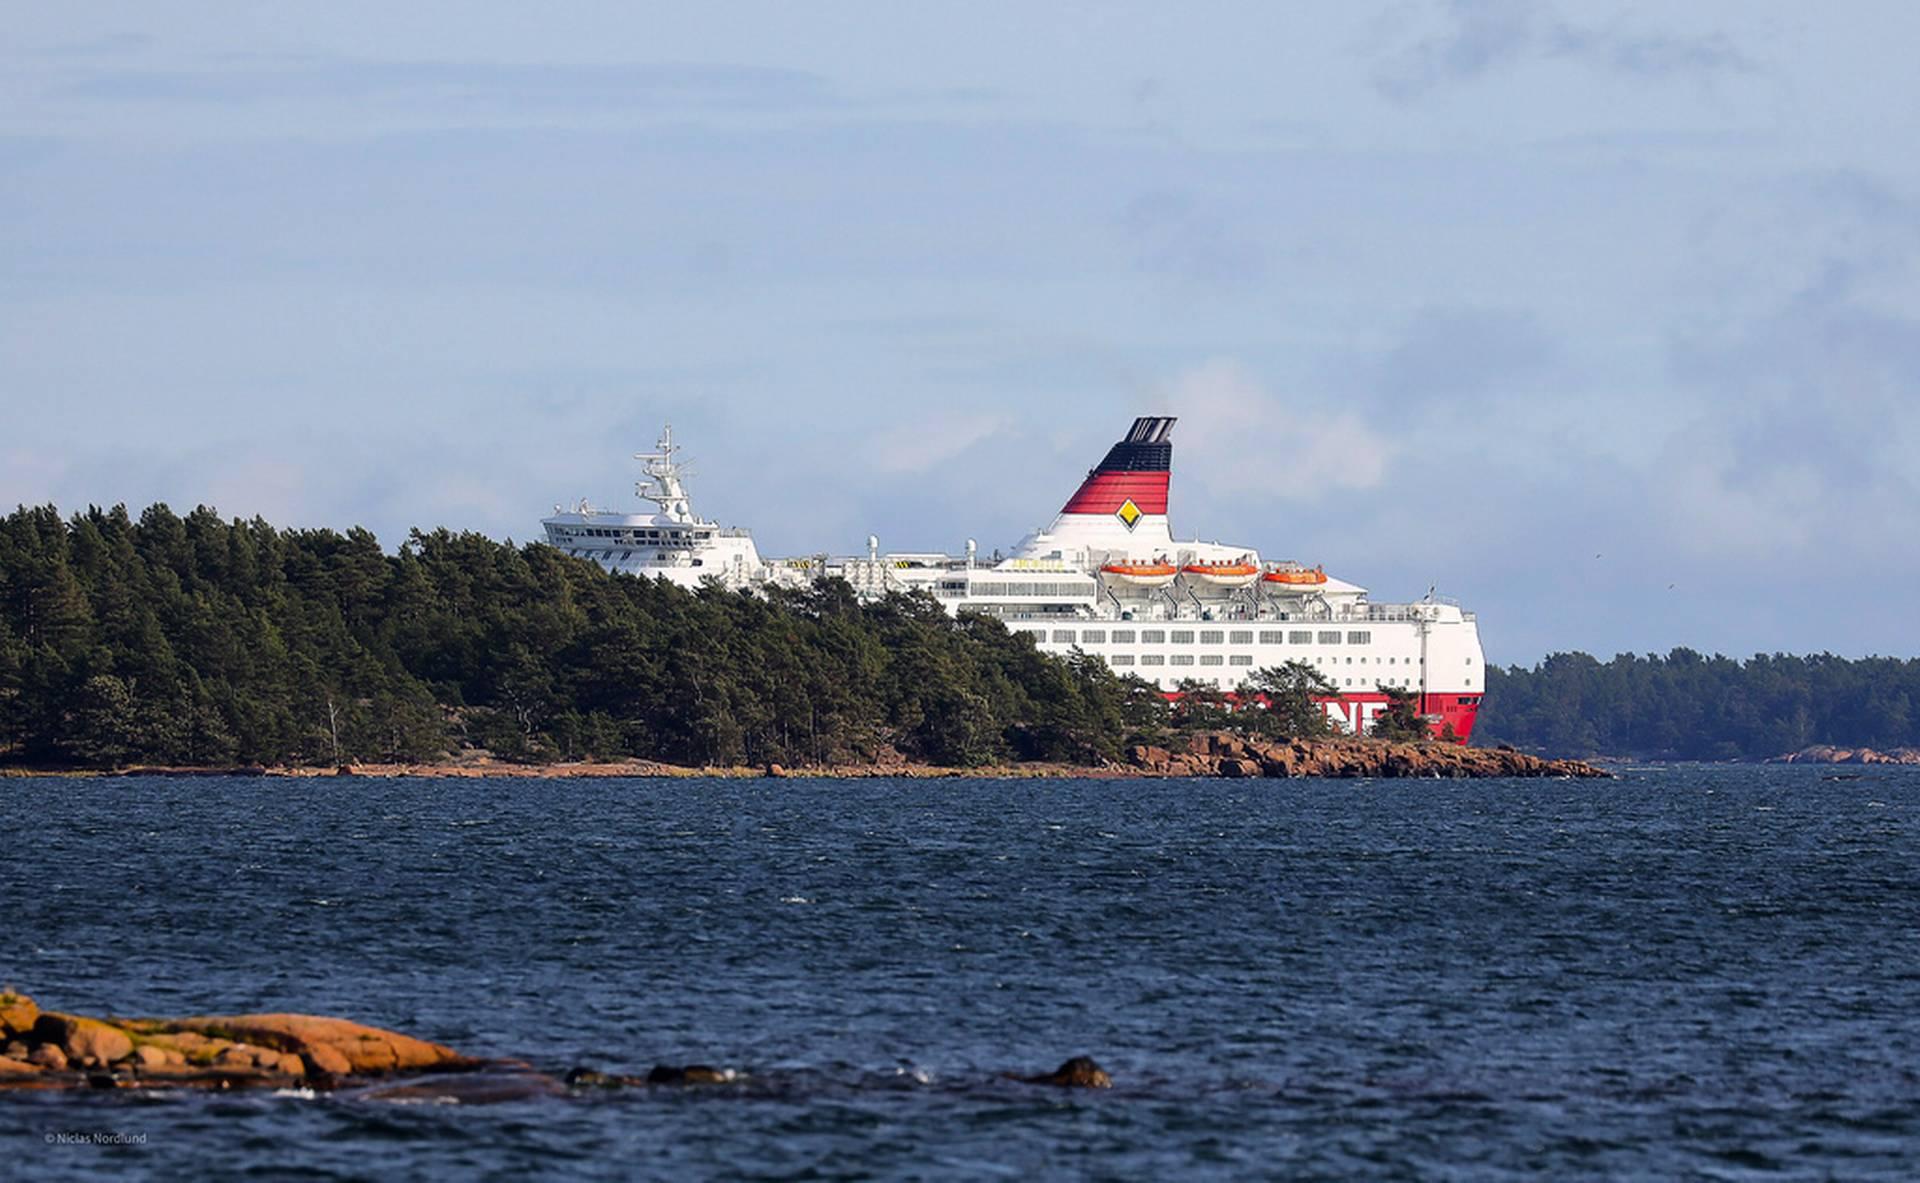 Amorella ran aground – technical error was behind